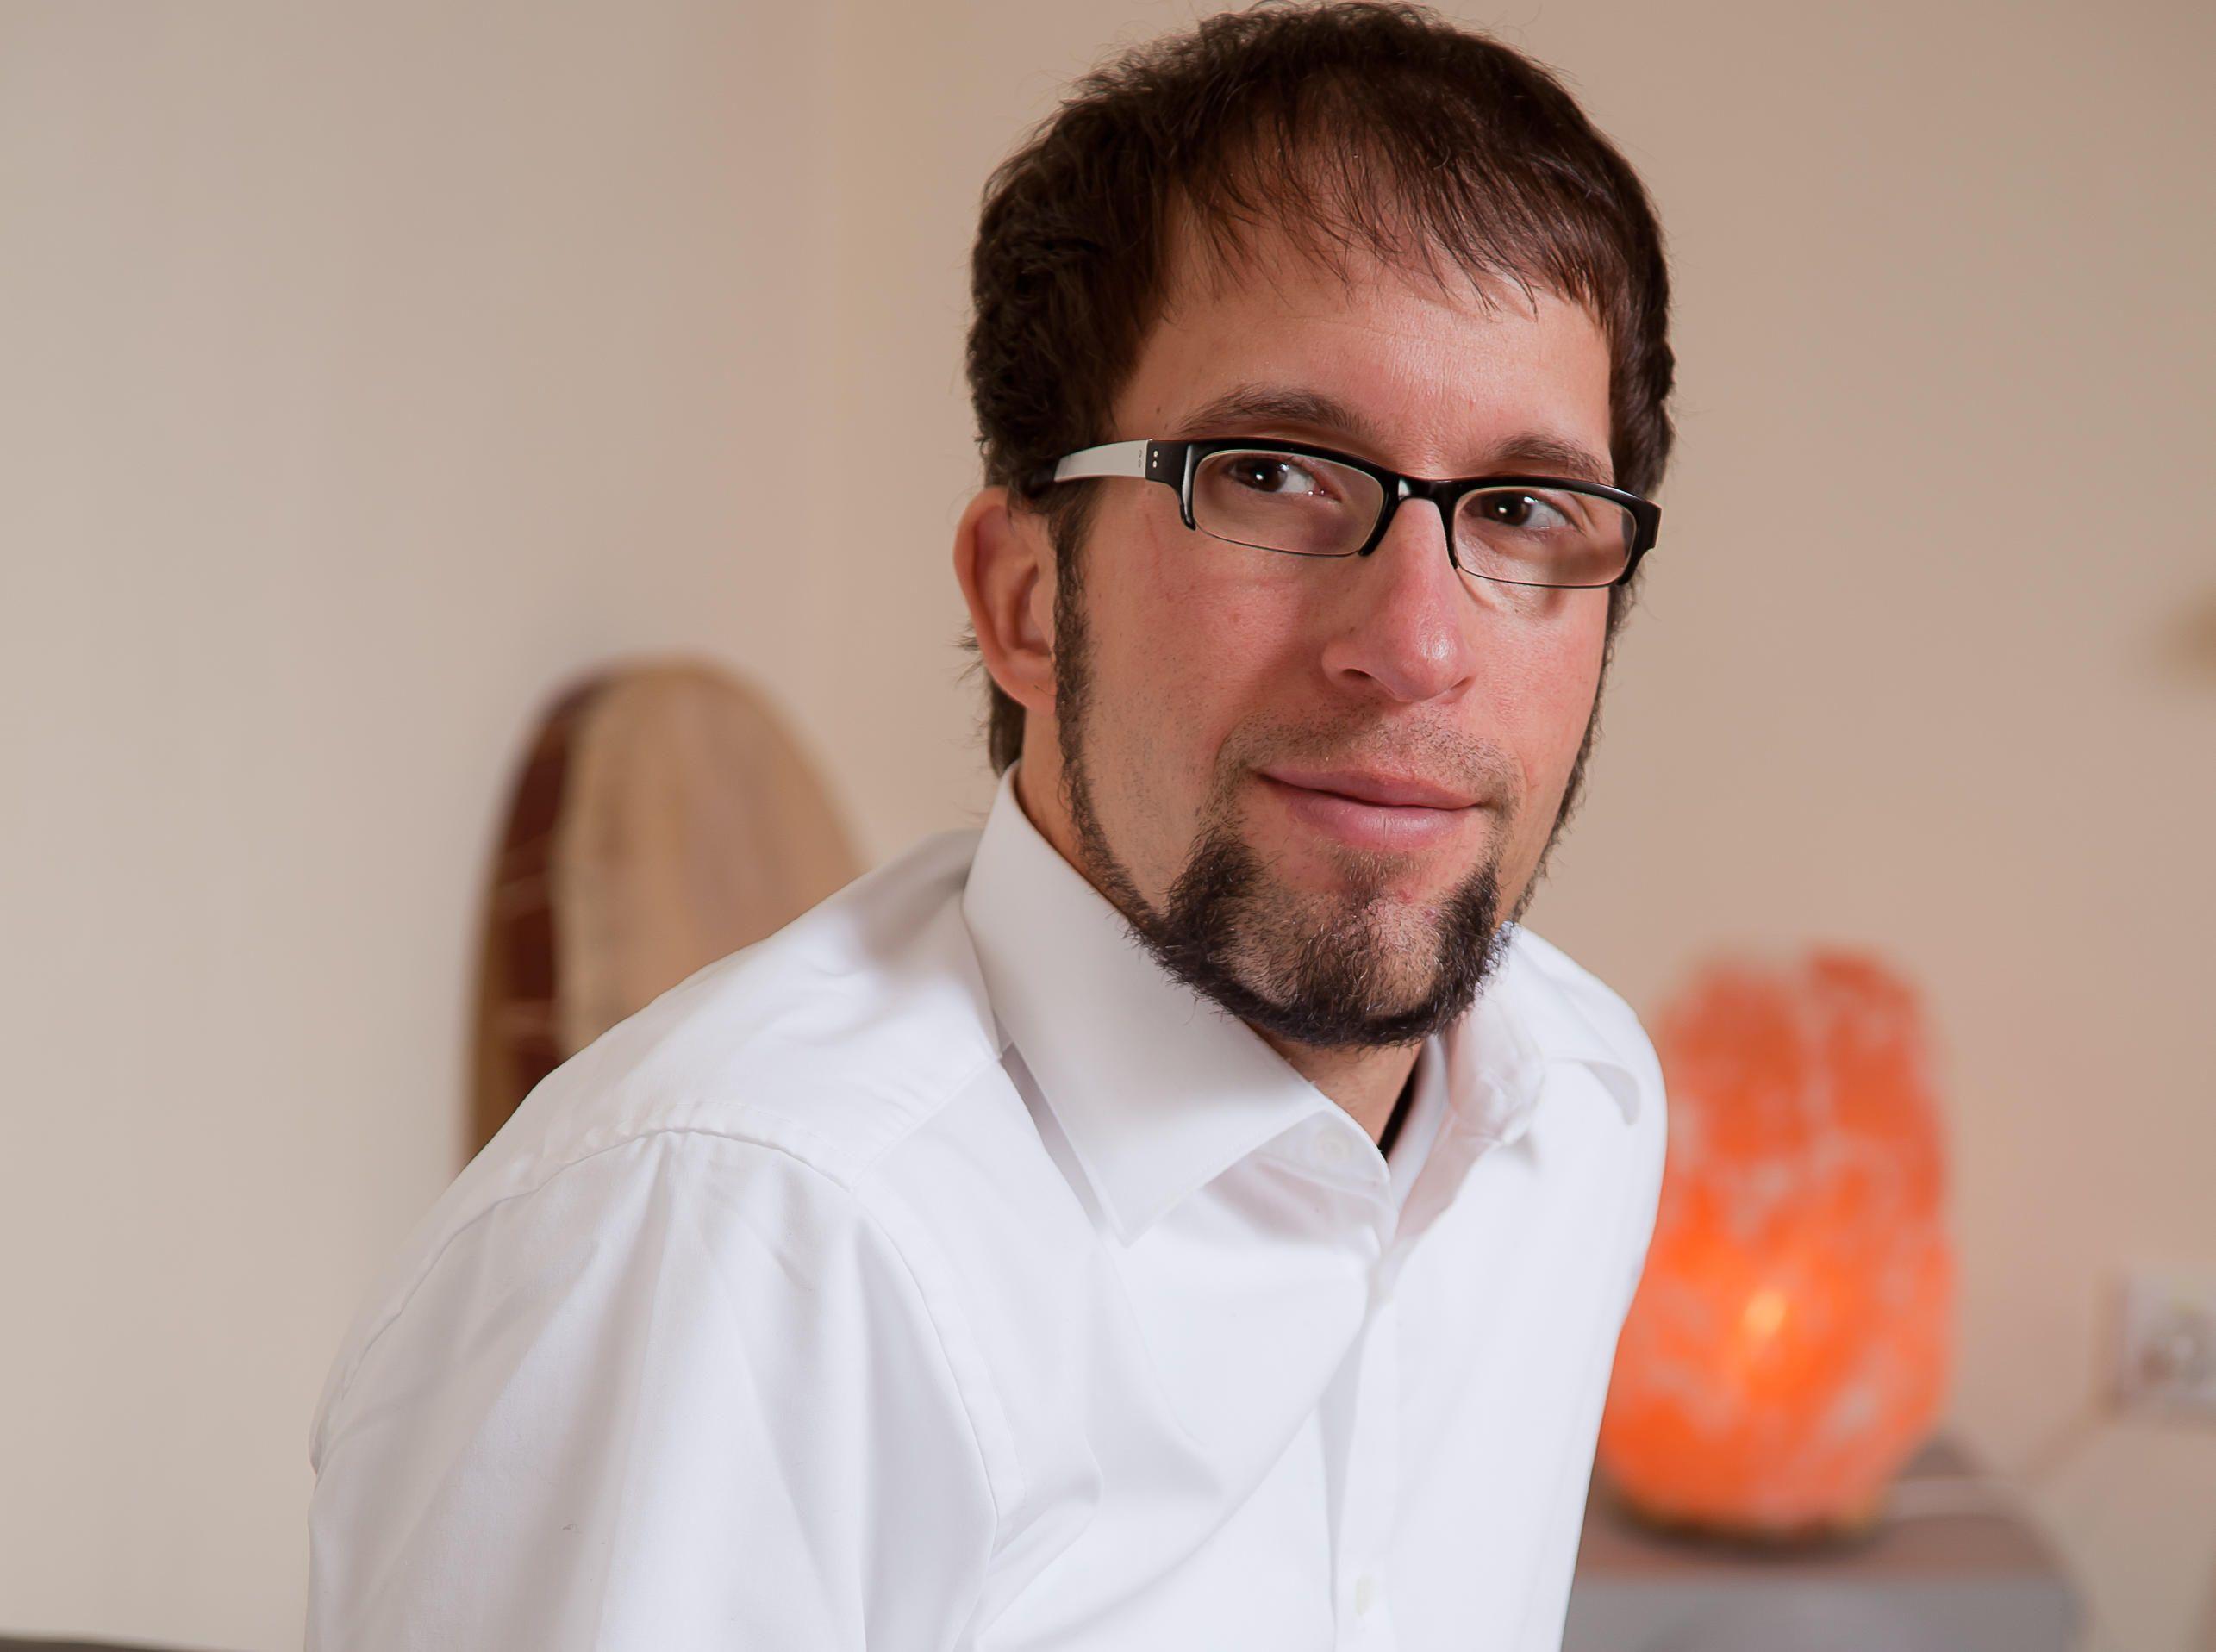 Joerg Fuhrmann Experte für Erfolgshypnose & DeHypnose | UNITEDNETWORKER Wirtschaft und Lebensart Magazin